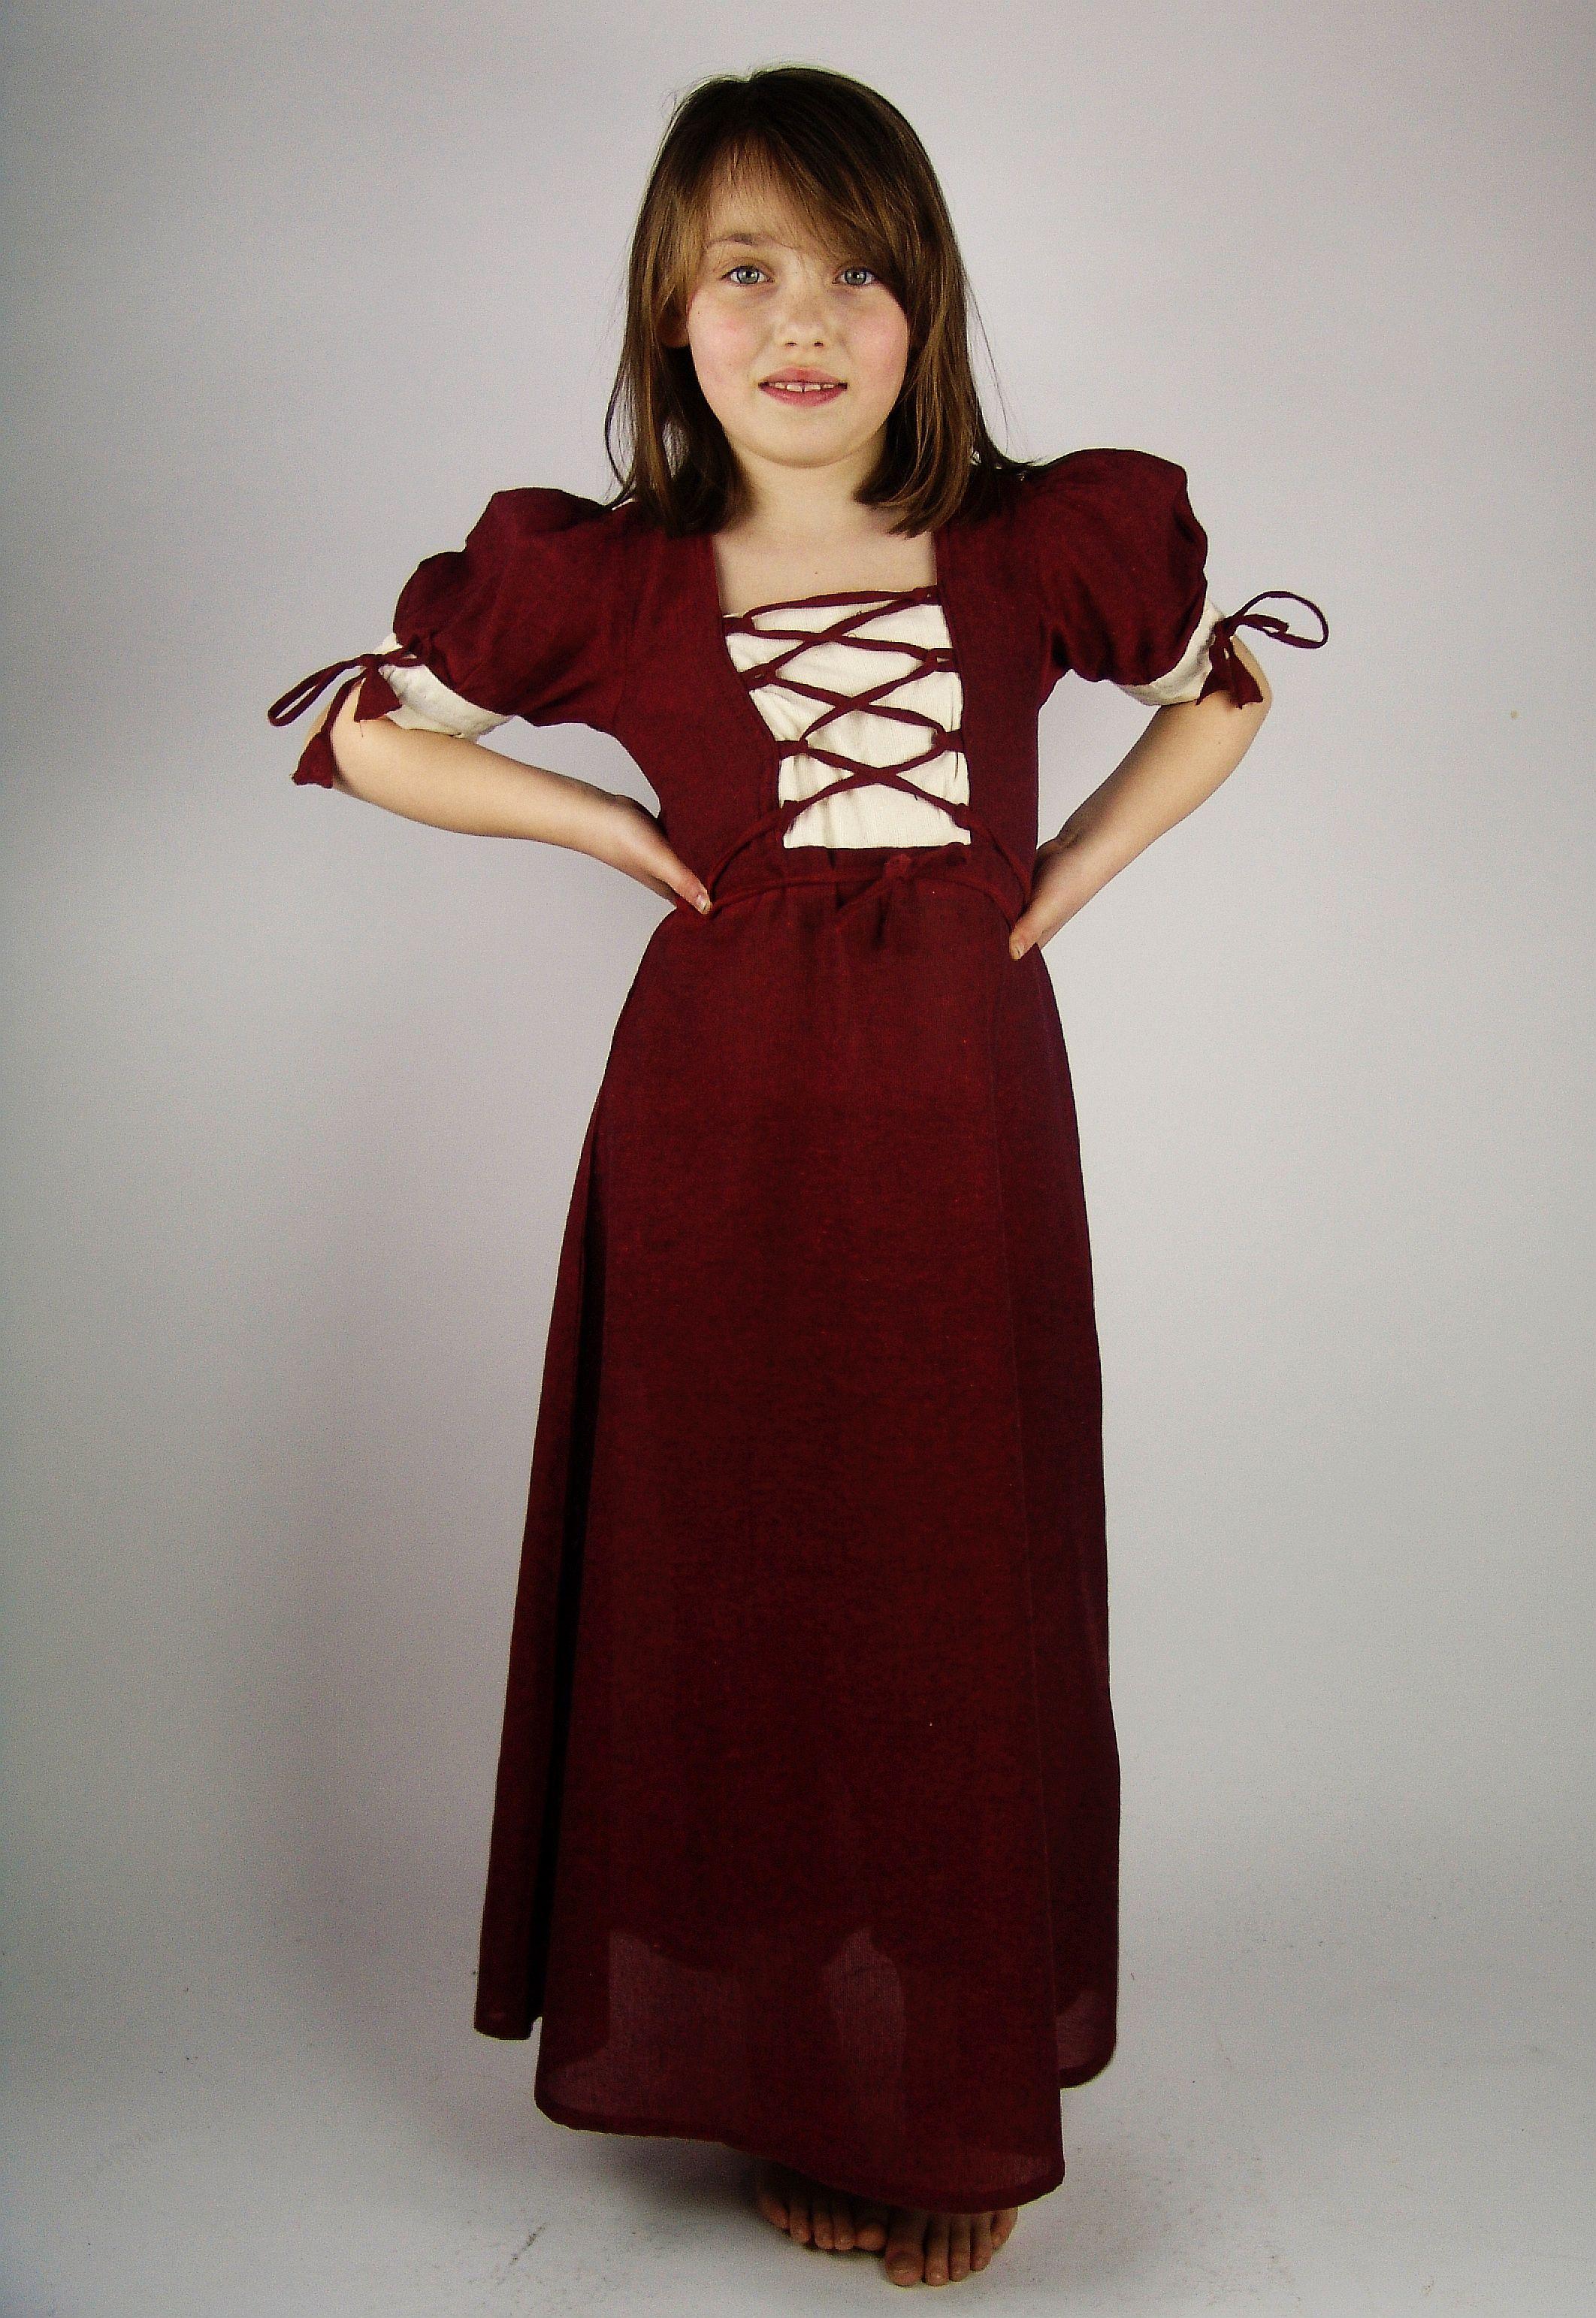 Mittelalterkleid 'Kirsten' mit kurzen Ärmeln und Schnürung ...